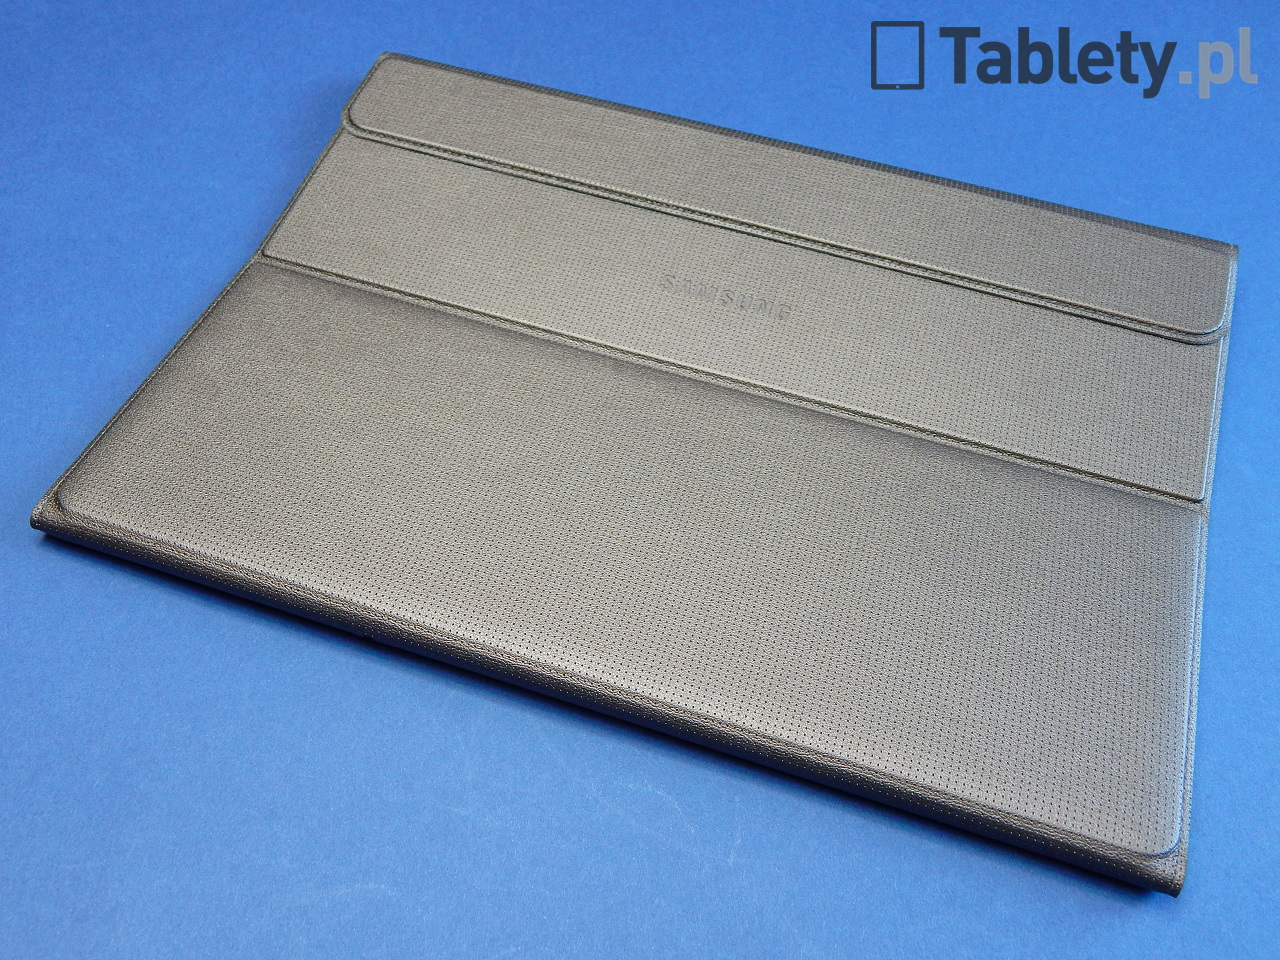 Samsung Galaxy Tab S 10.5 13